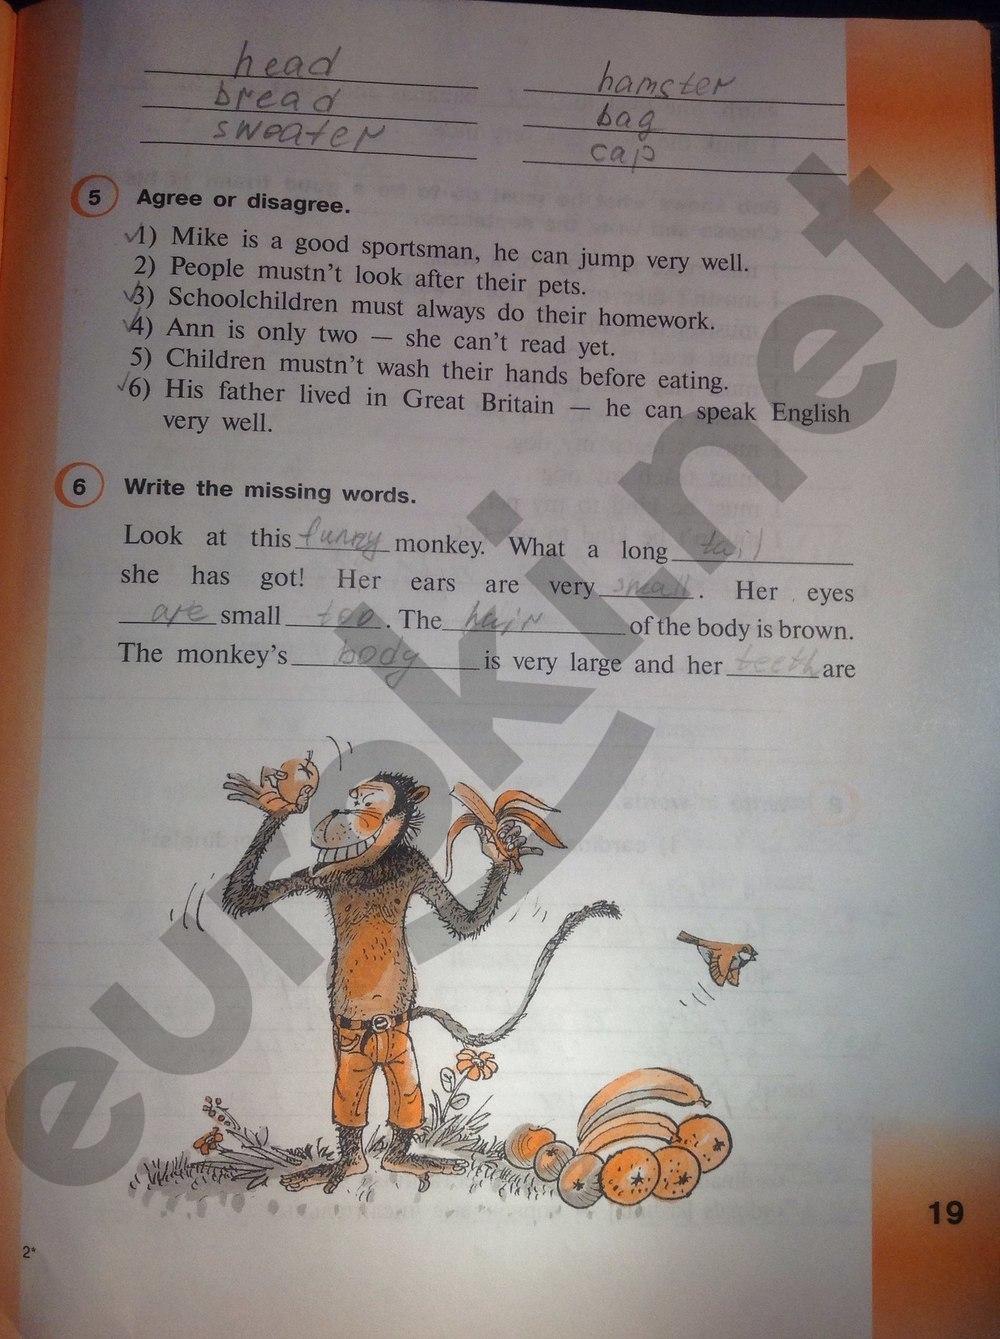 скачать гдз по английскому 5 класс рабочая тетрадь верещагина